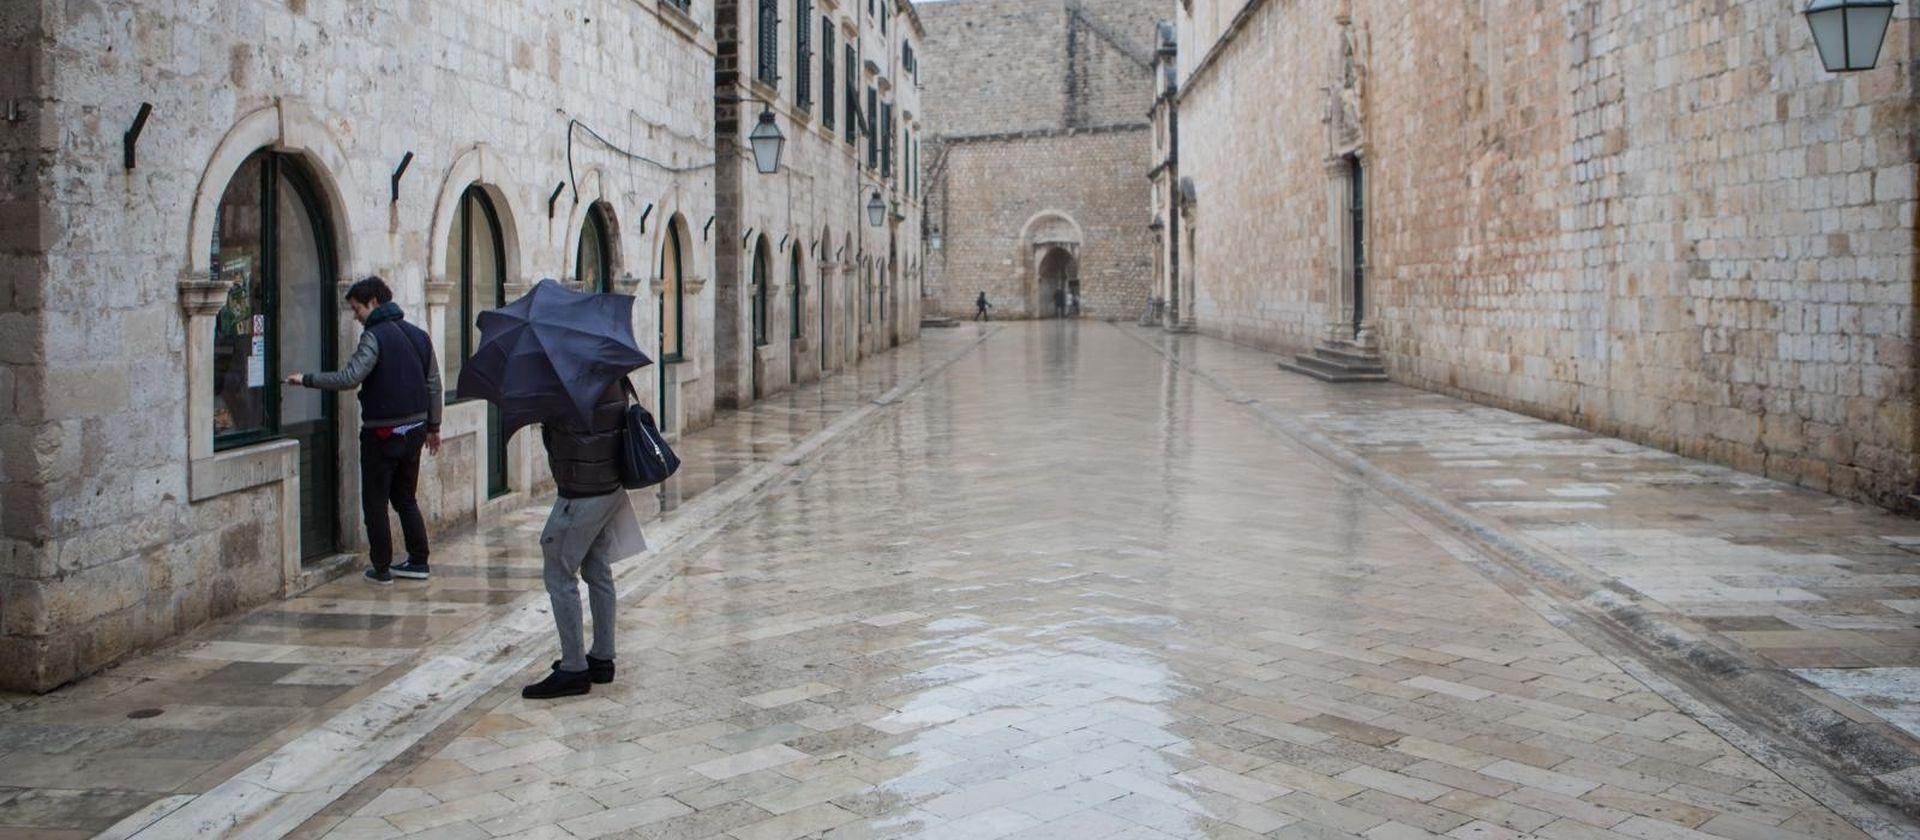 U tri sata u Dubrovniku palo 259 litara kiše po metru četvornom